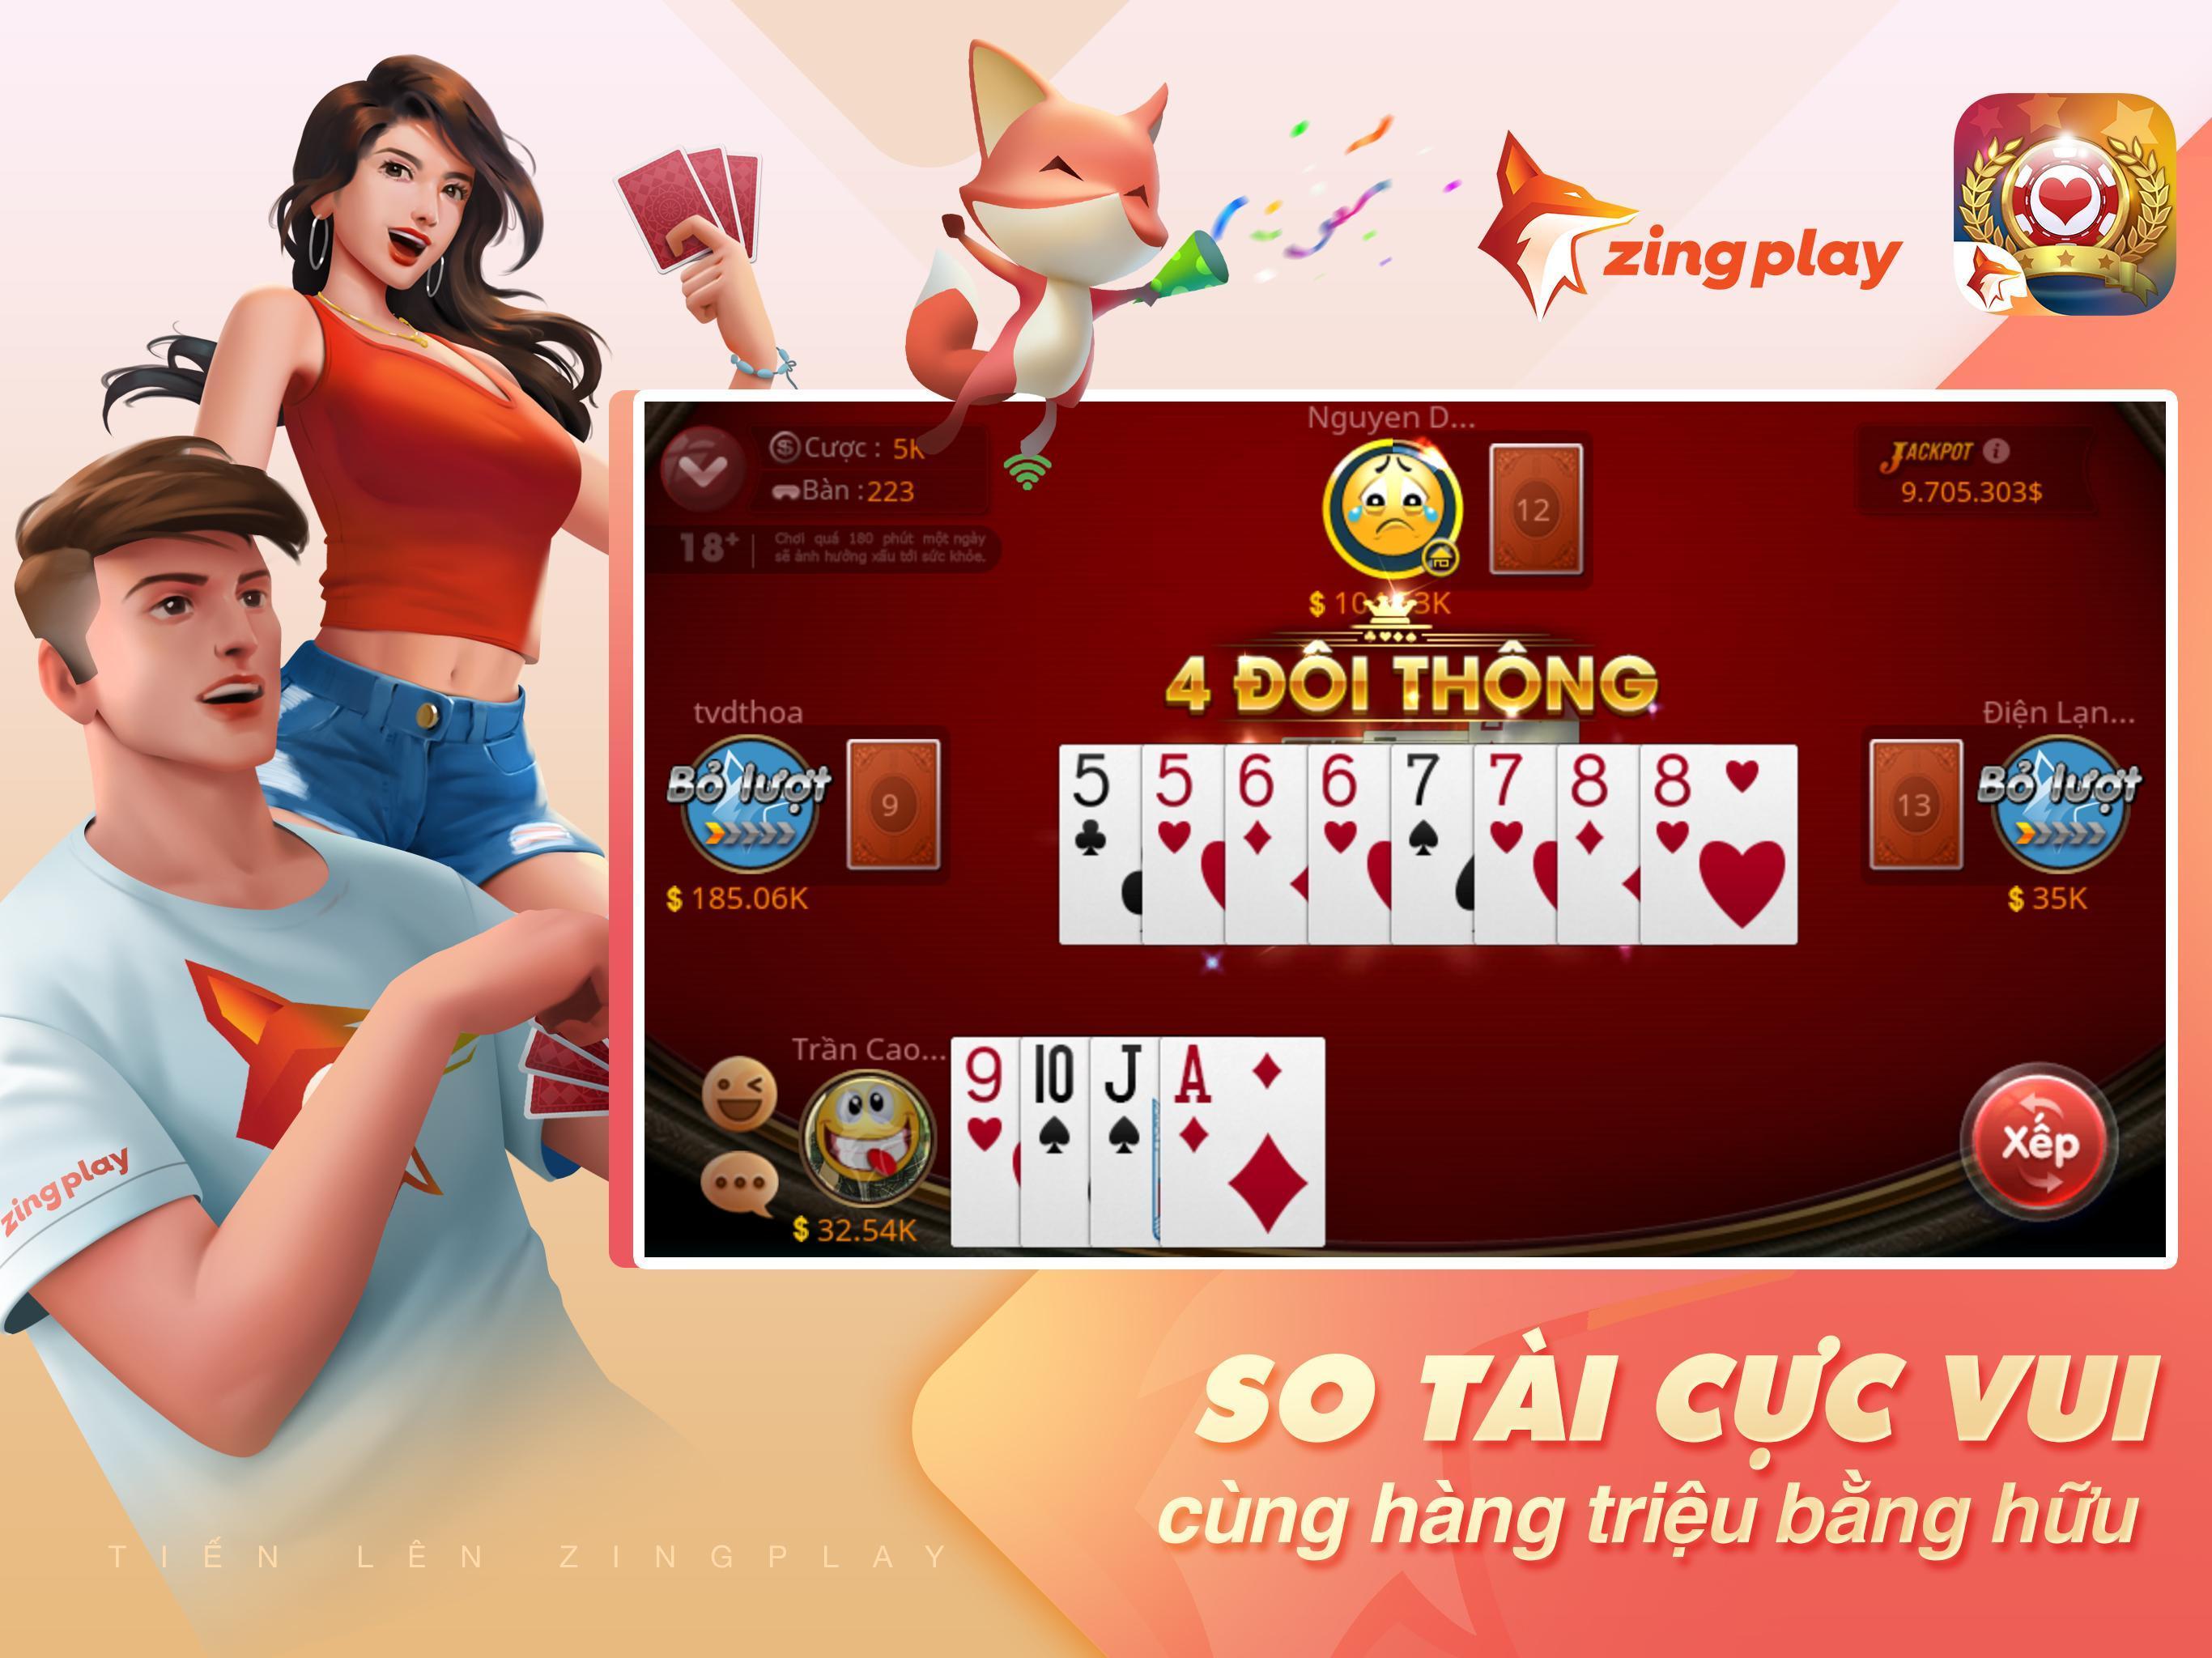 Tiến lên Miền Nam- Tiến Lên - tien len - ZingPlay 4.9 Screenshot 12